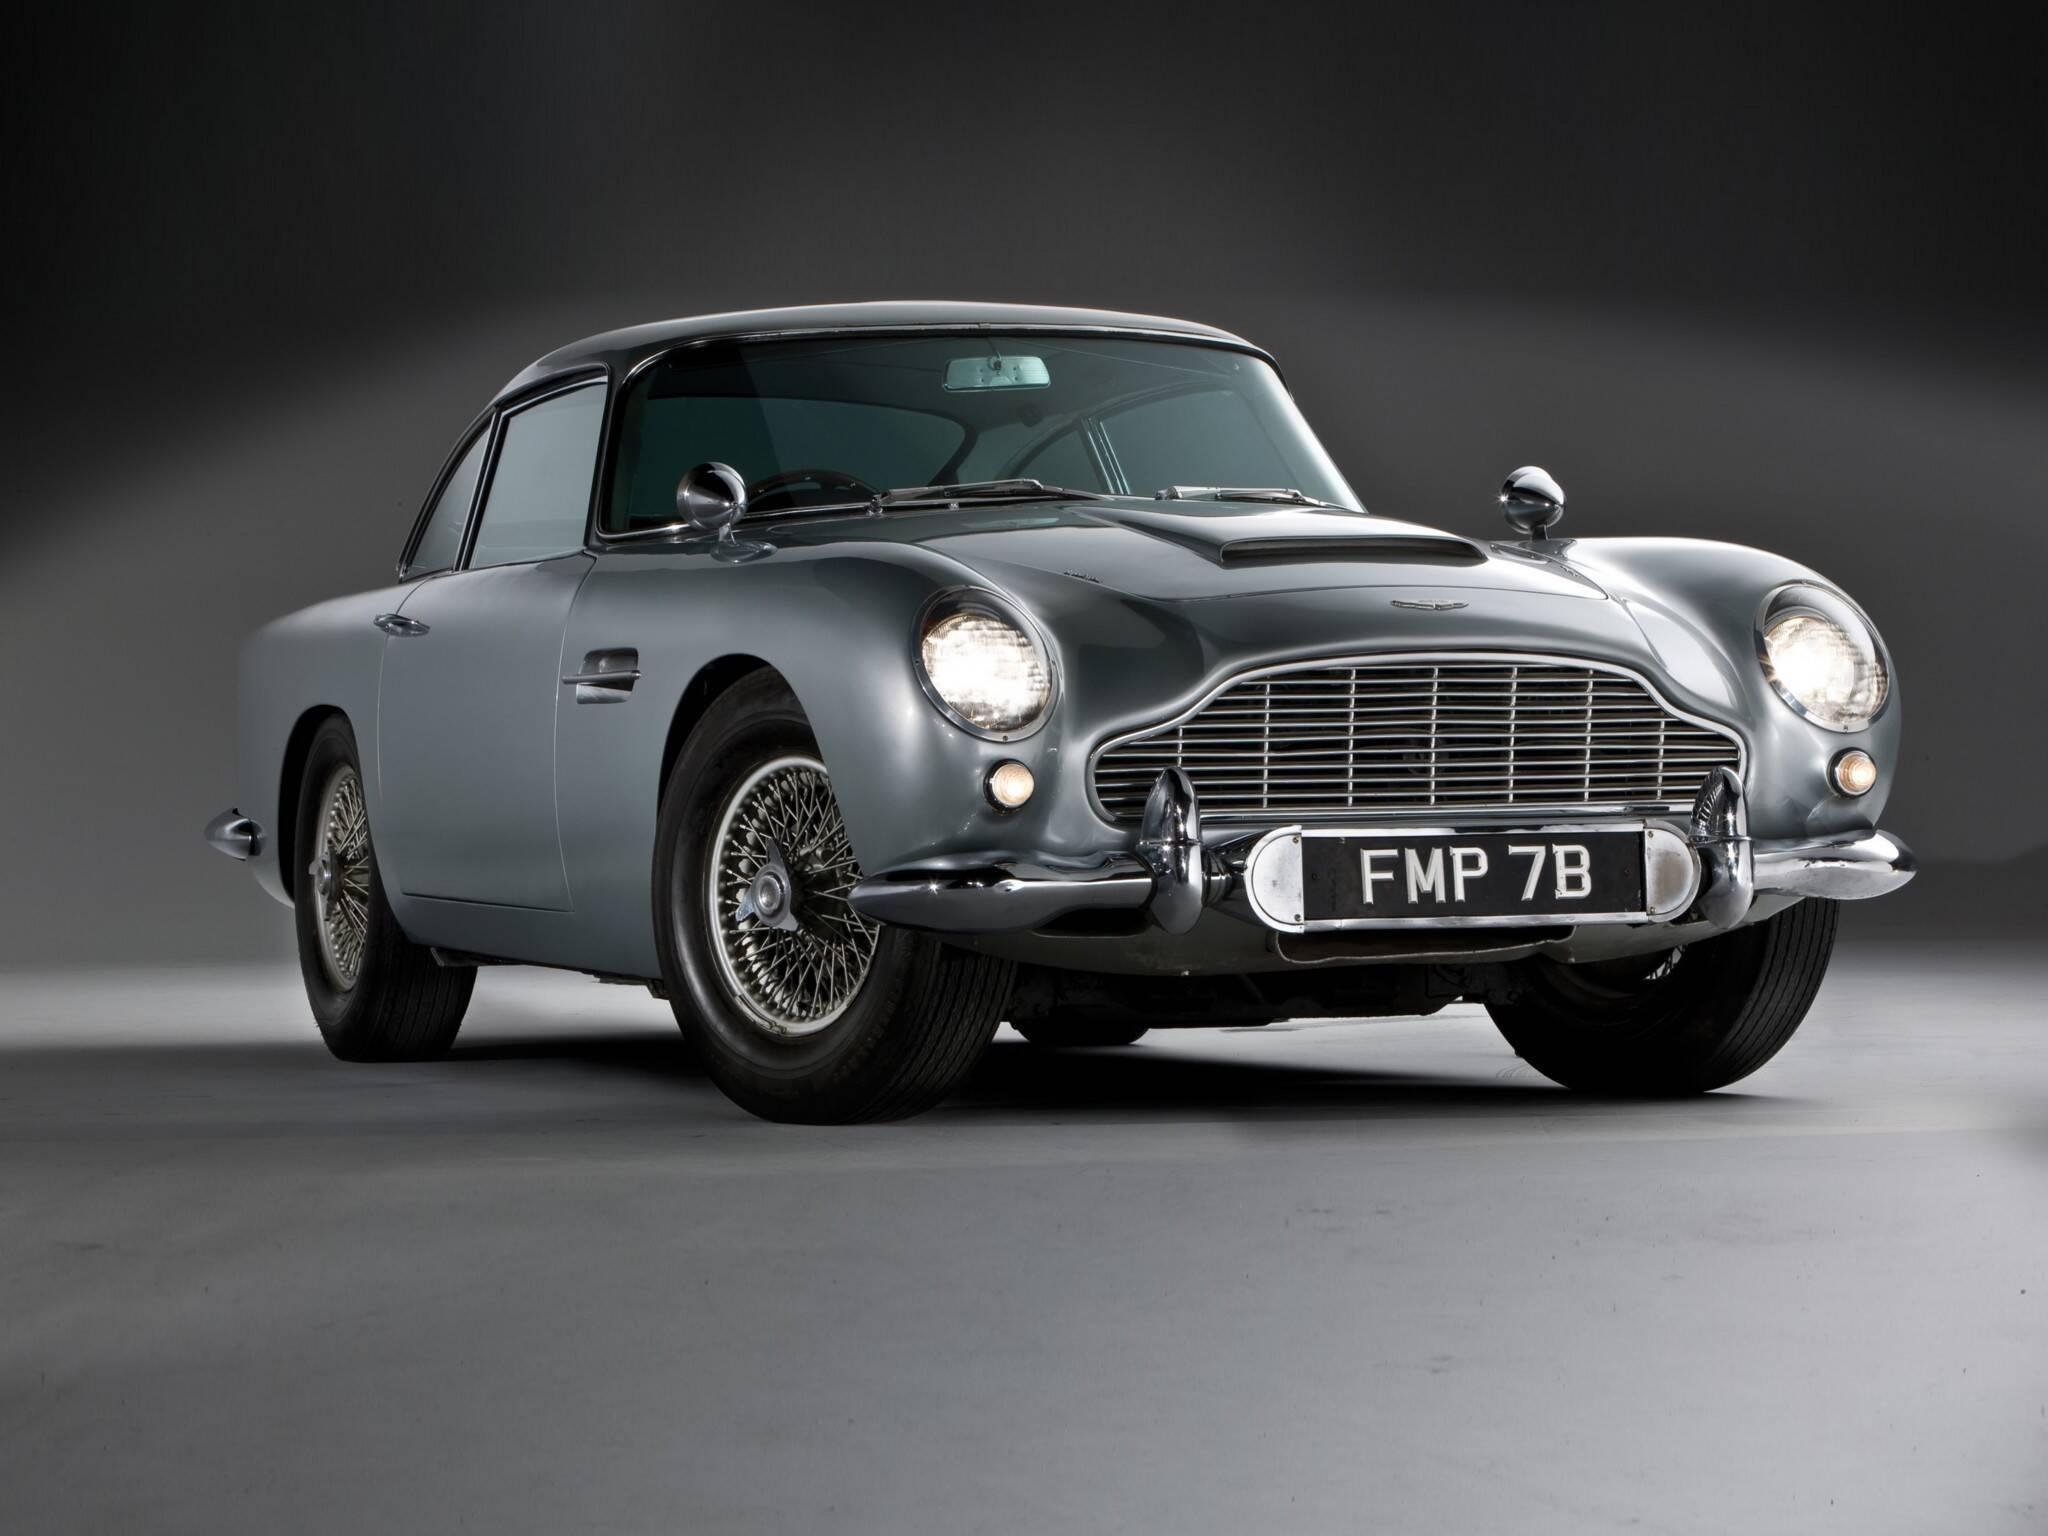 """Aston Martin DB5 do filme """"Goldfinger"""", do agente secreto James Bond. Foto: Divulgação"""